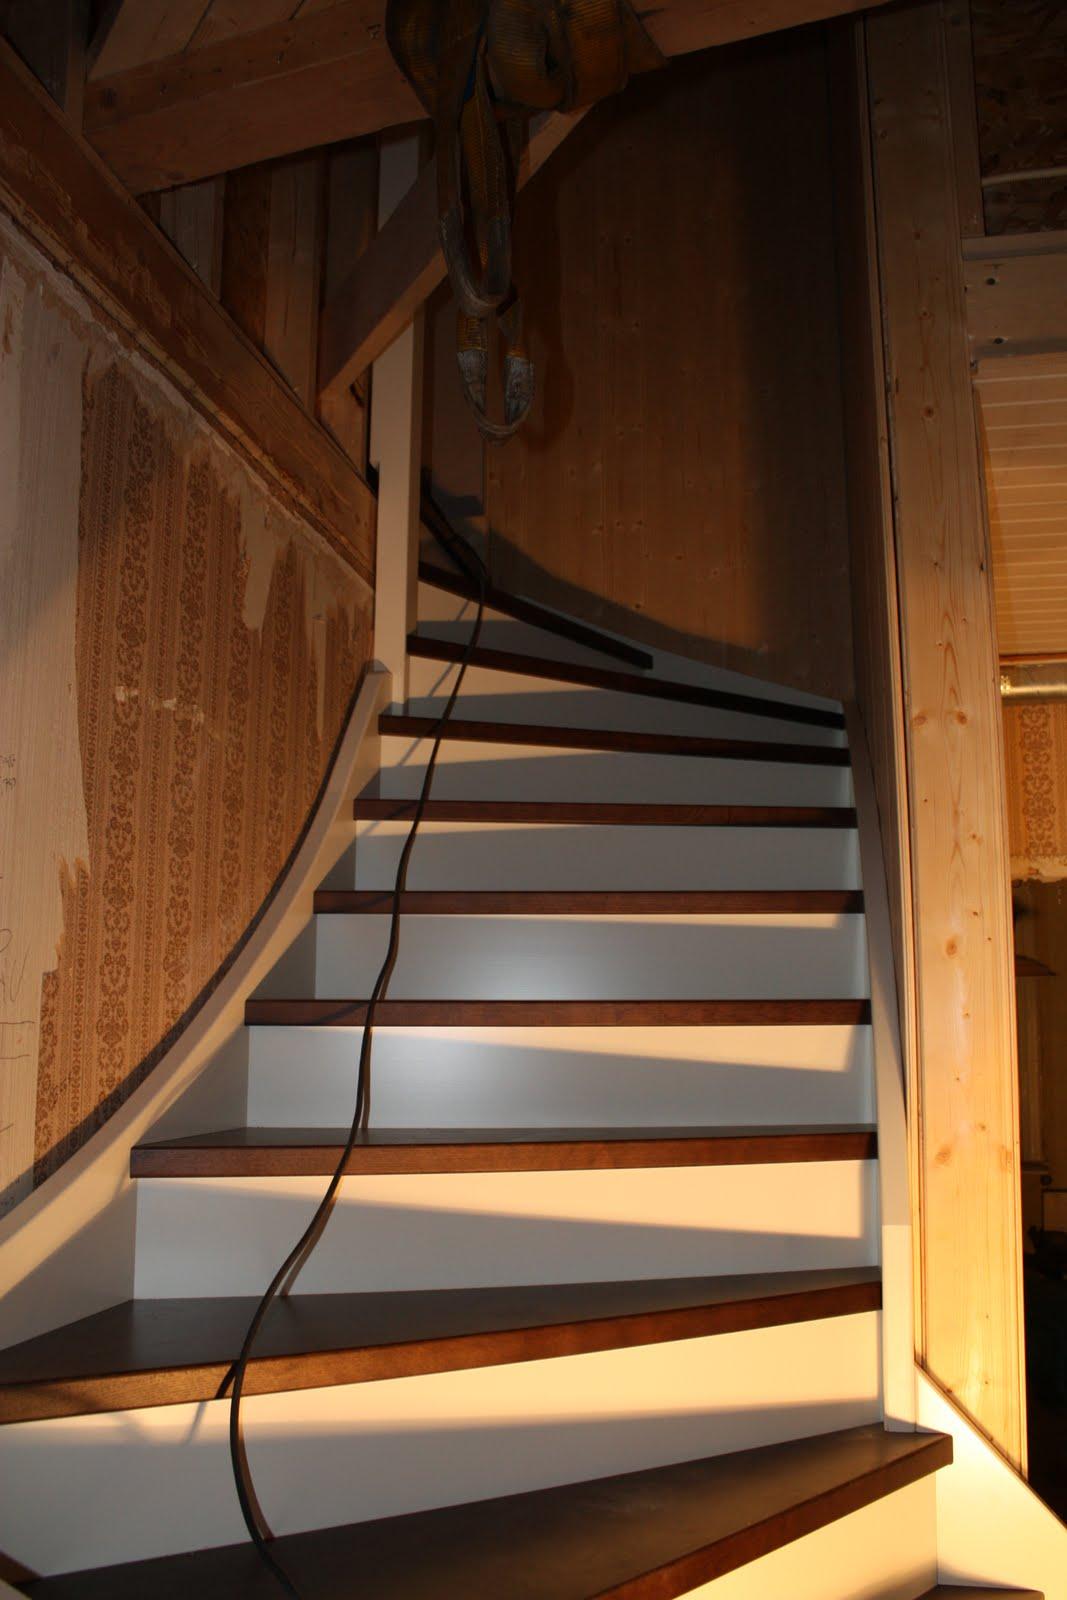 Drömmen om stenbäcken: trappan har kommit!